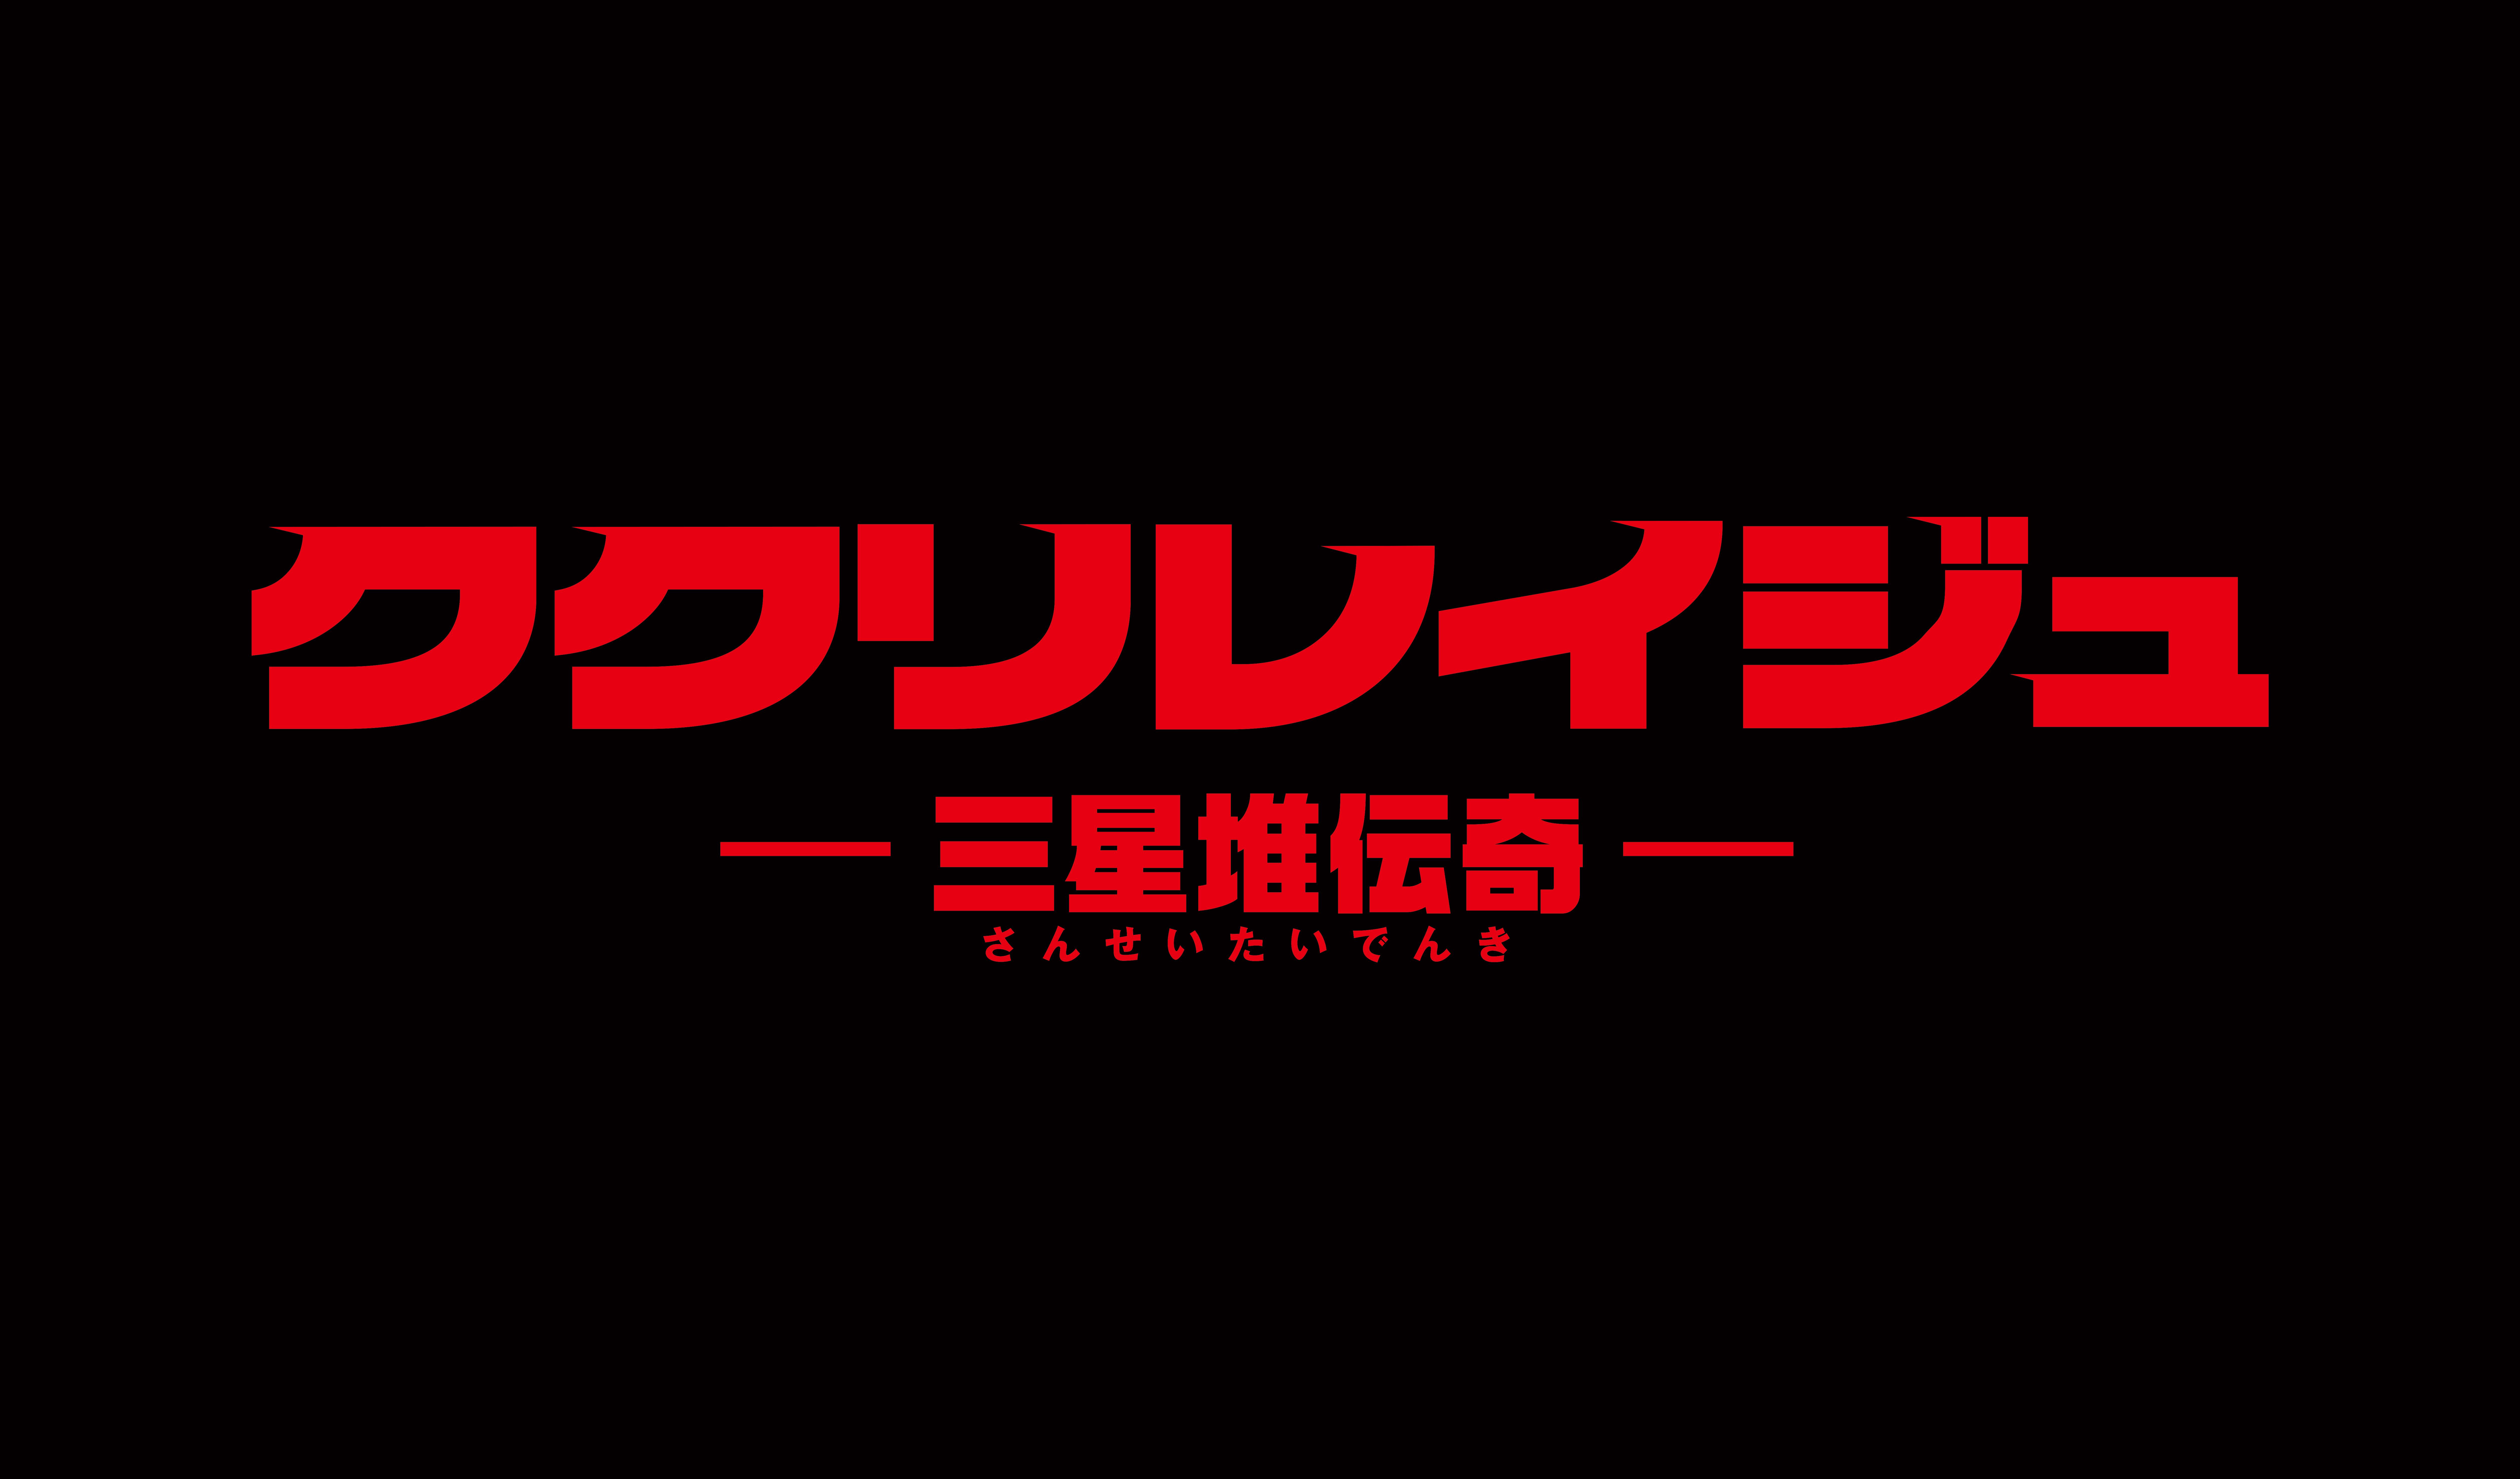 『ククリレイジュ -三星堆伝奇-』ロゴ (C)2020凯天动漫・三星堆传奇制作委员会